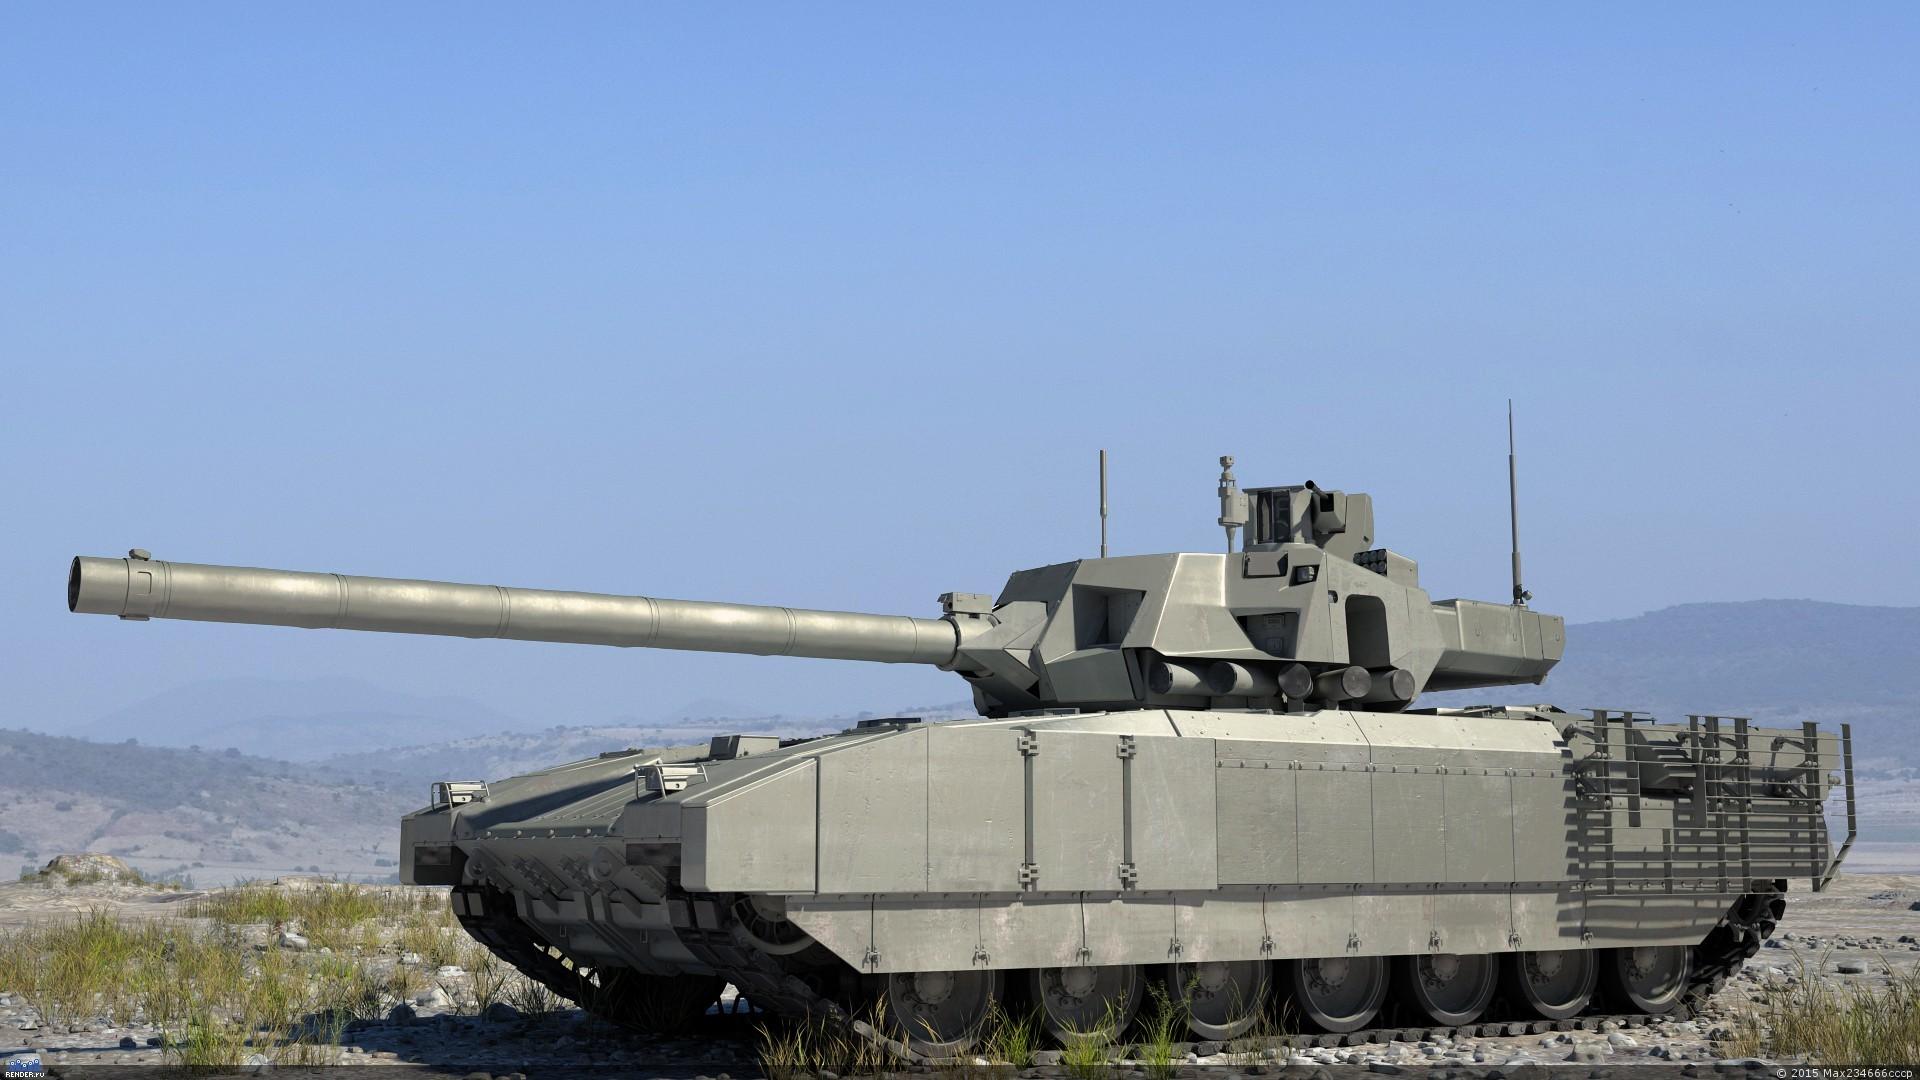 шарк поделилась танк армата ттх фото ли, чешские, тайские